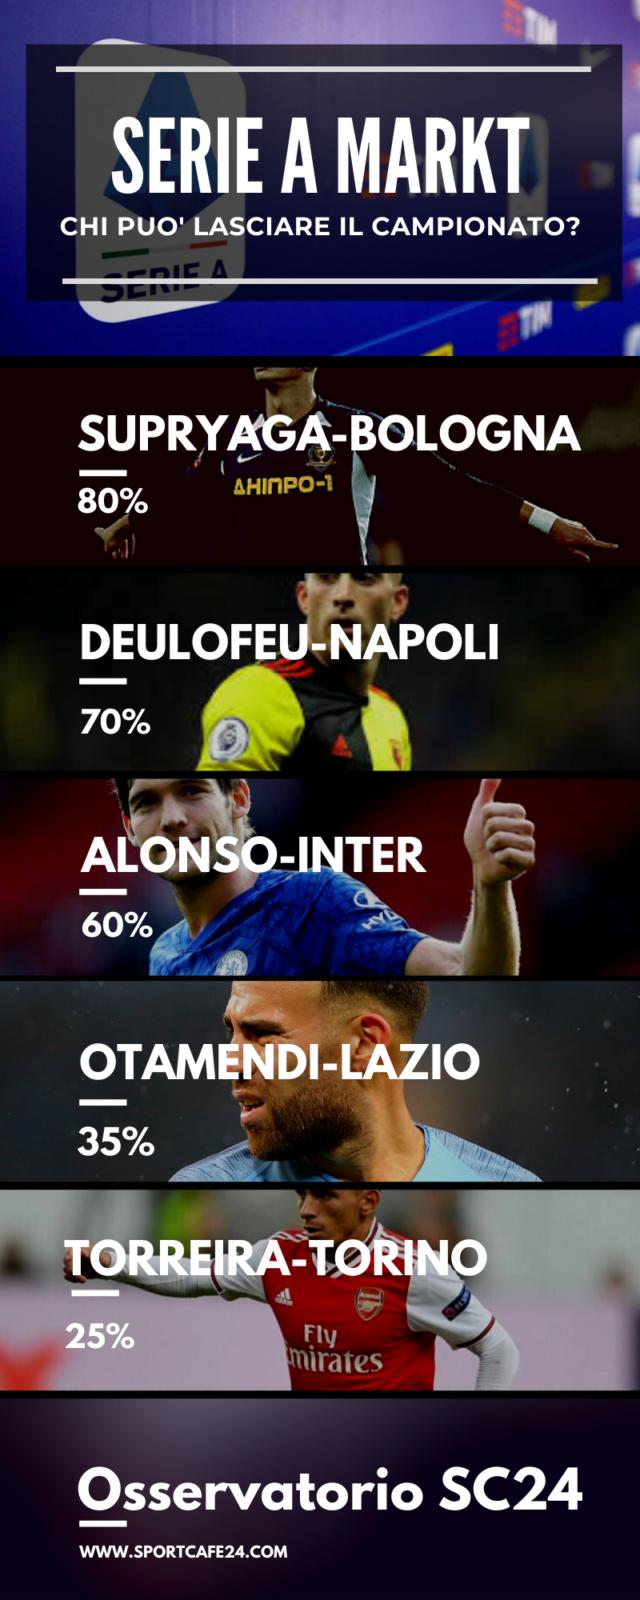 Marcos Alonso nuovo rinforzo per l'Inter?